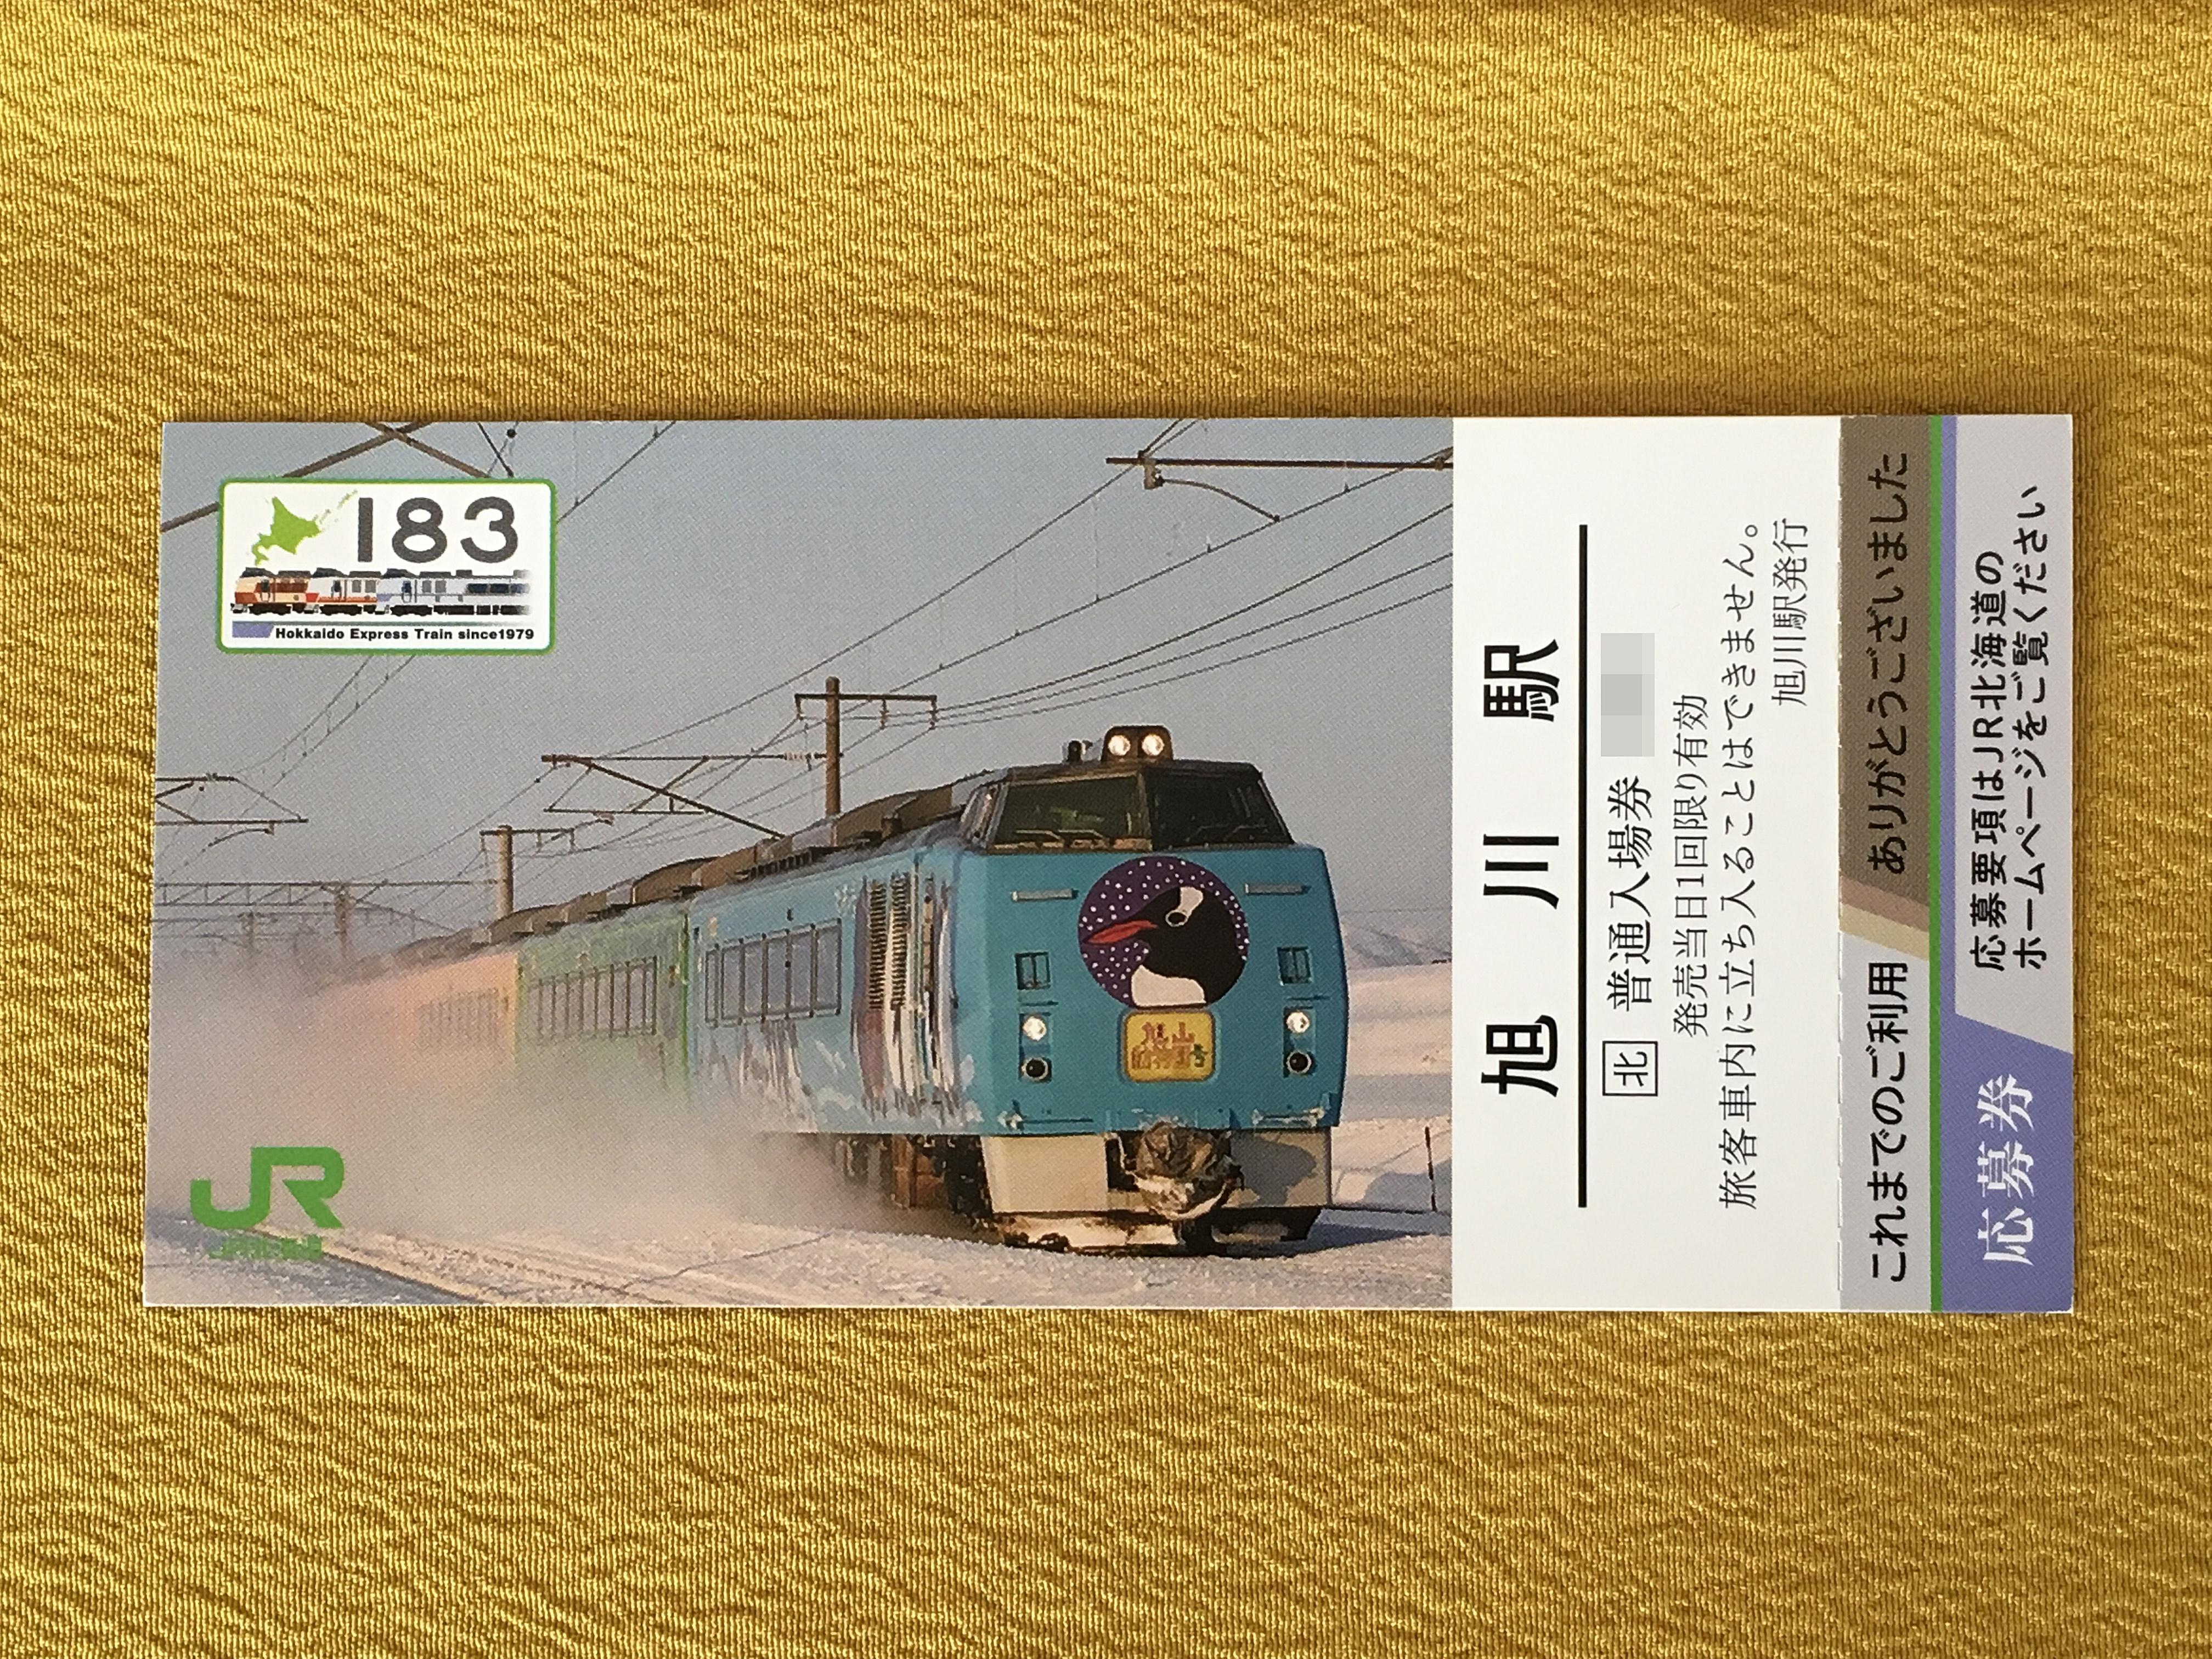 キハ183-0系記念入場券 旭川駅表.JPG